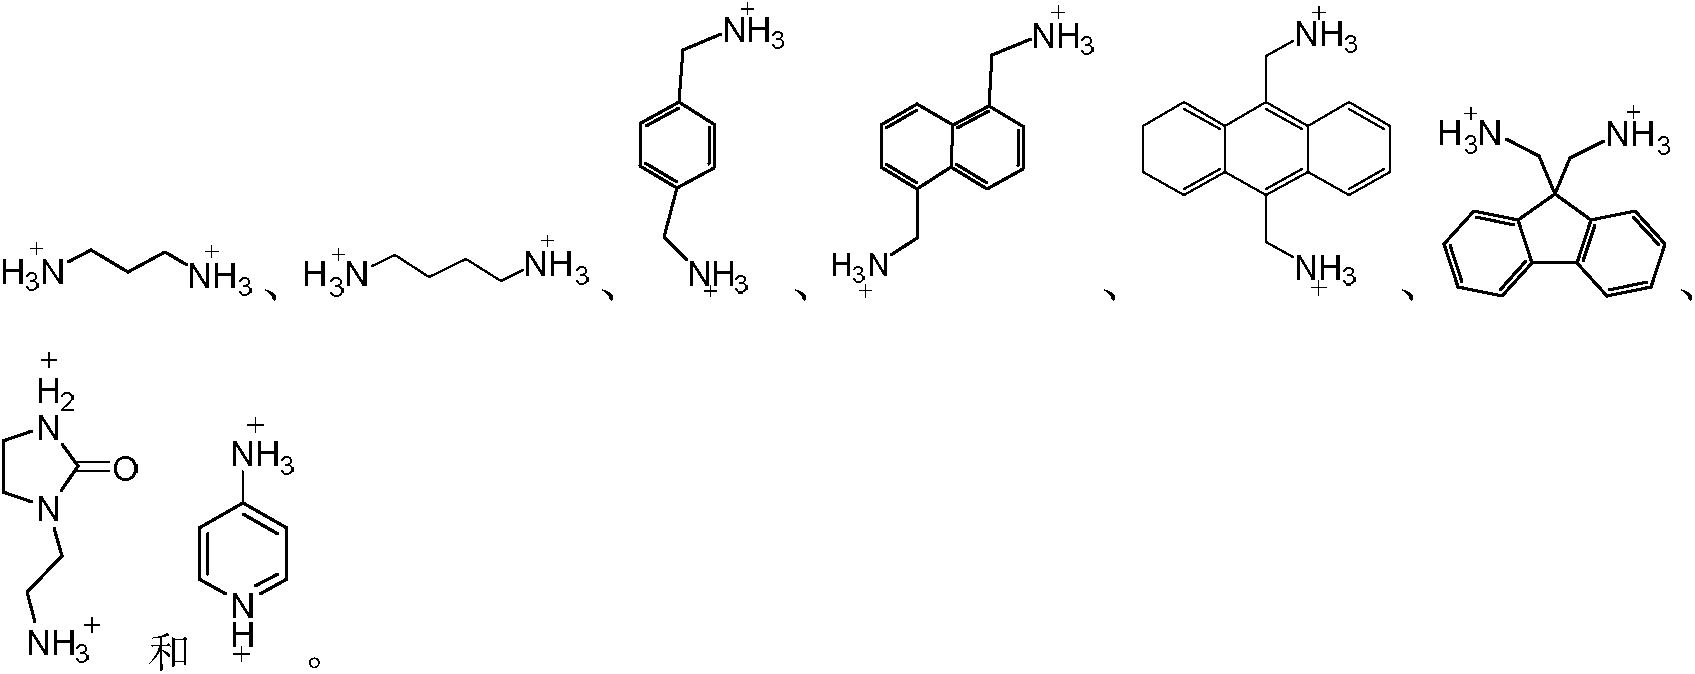 Figure PCTCN2017071351-appb-100003